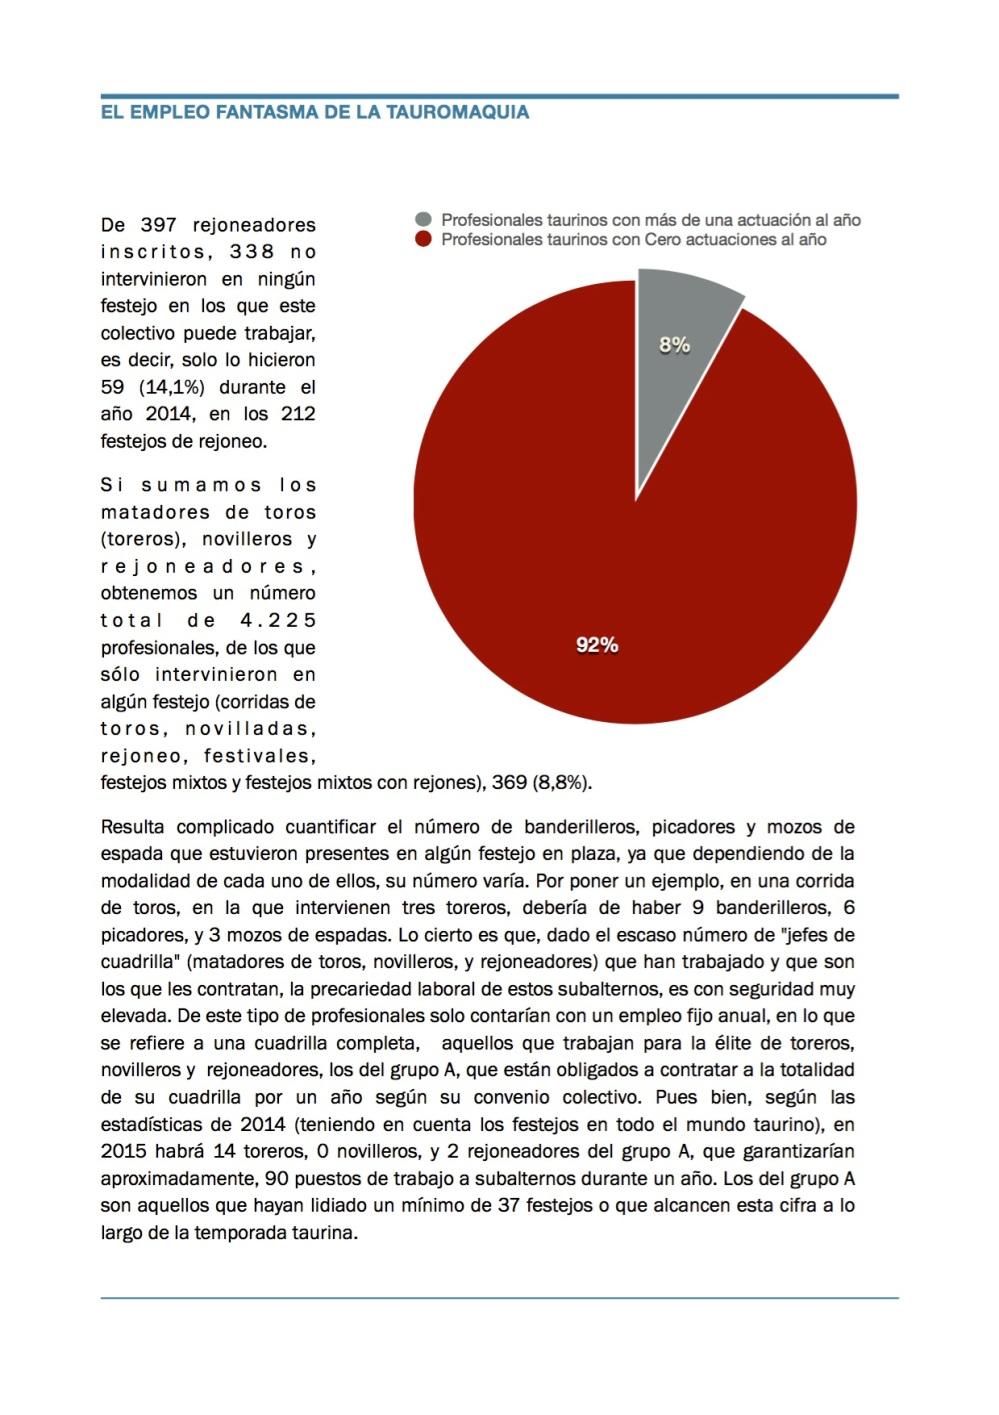 dossierempleoytauromaquia-6